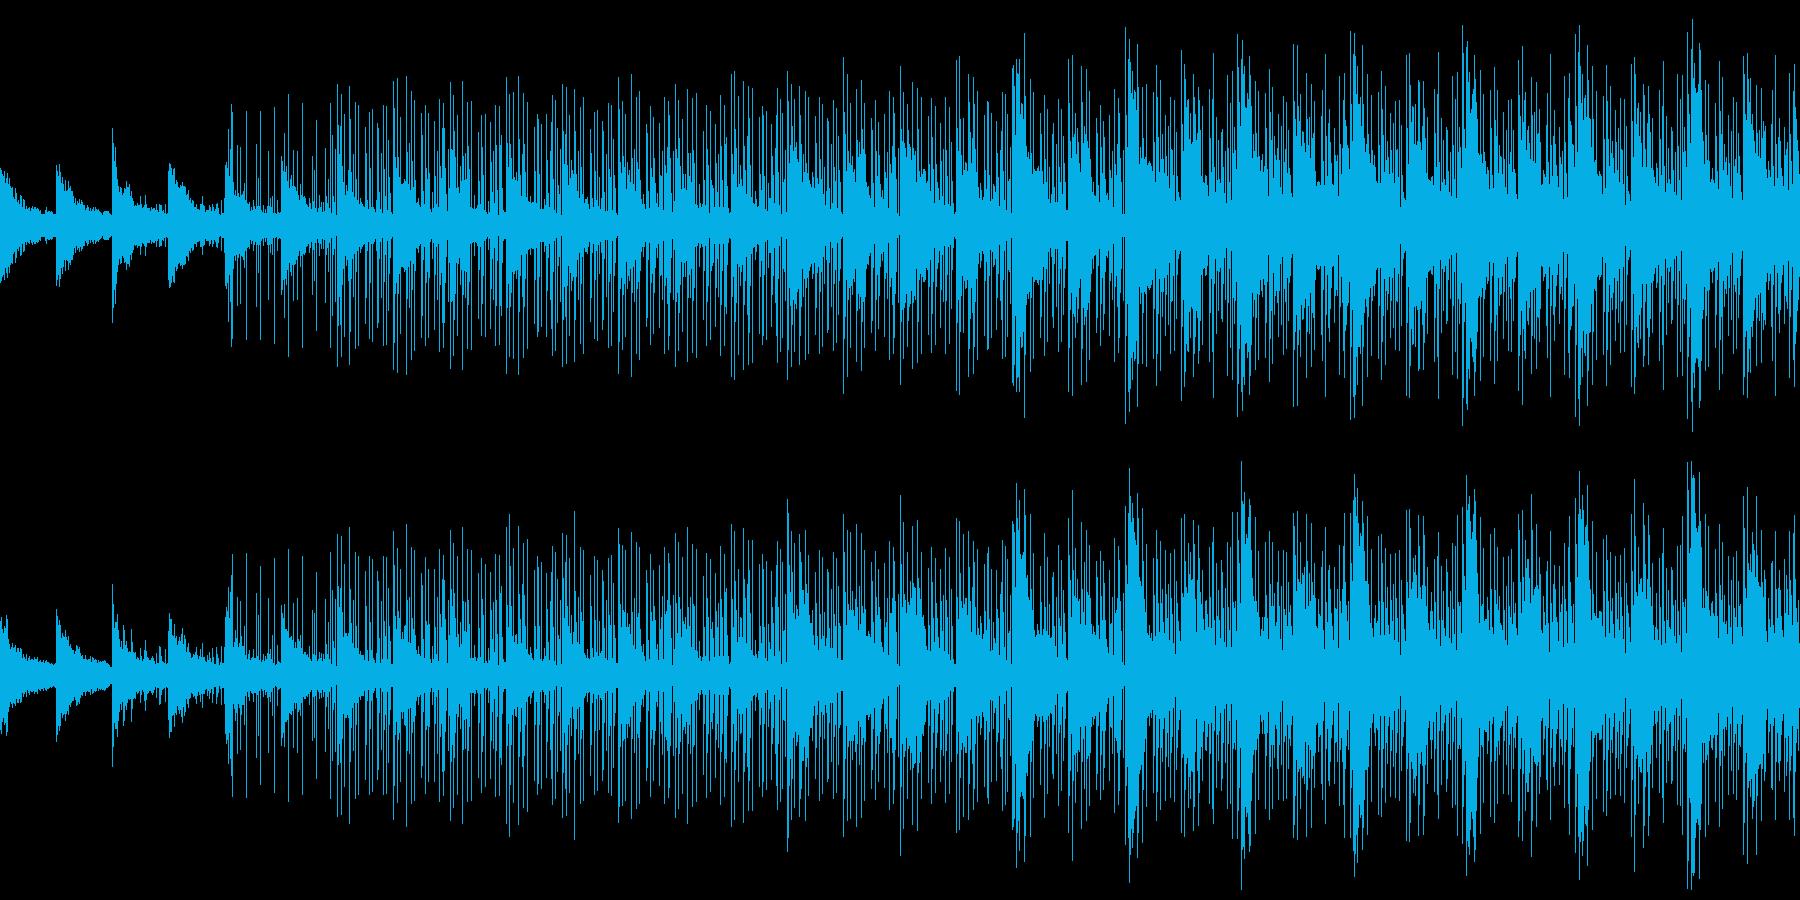 クールで軽やかエレクトロBGM_LOOPの再生済みの波形